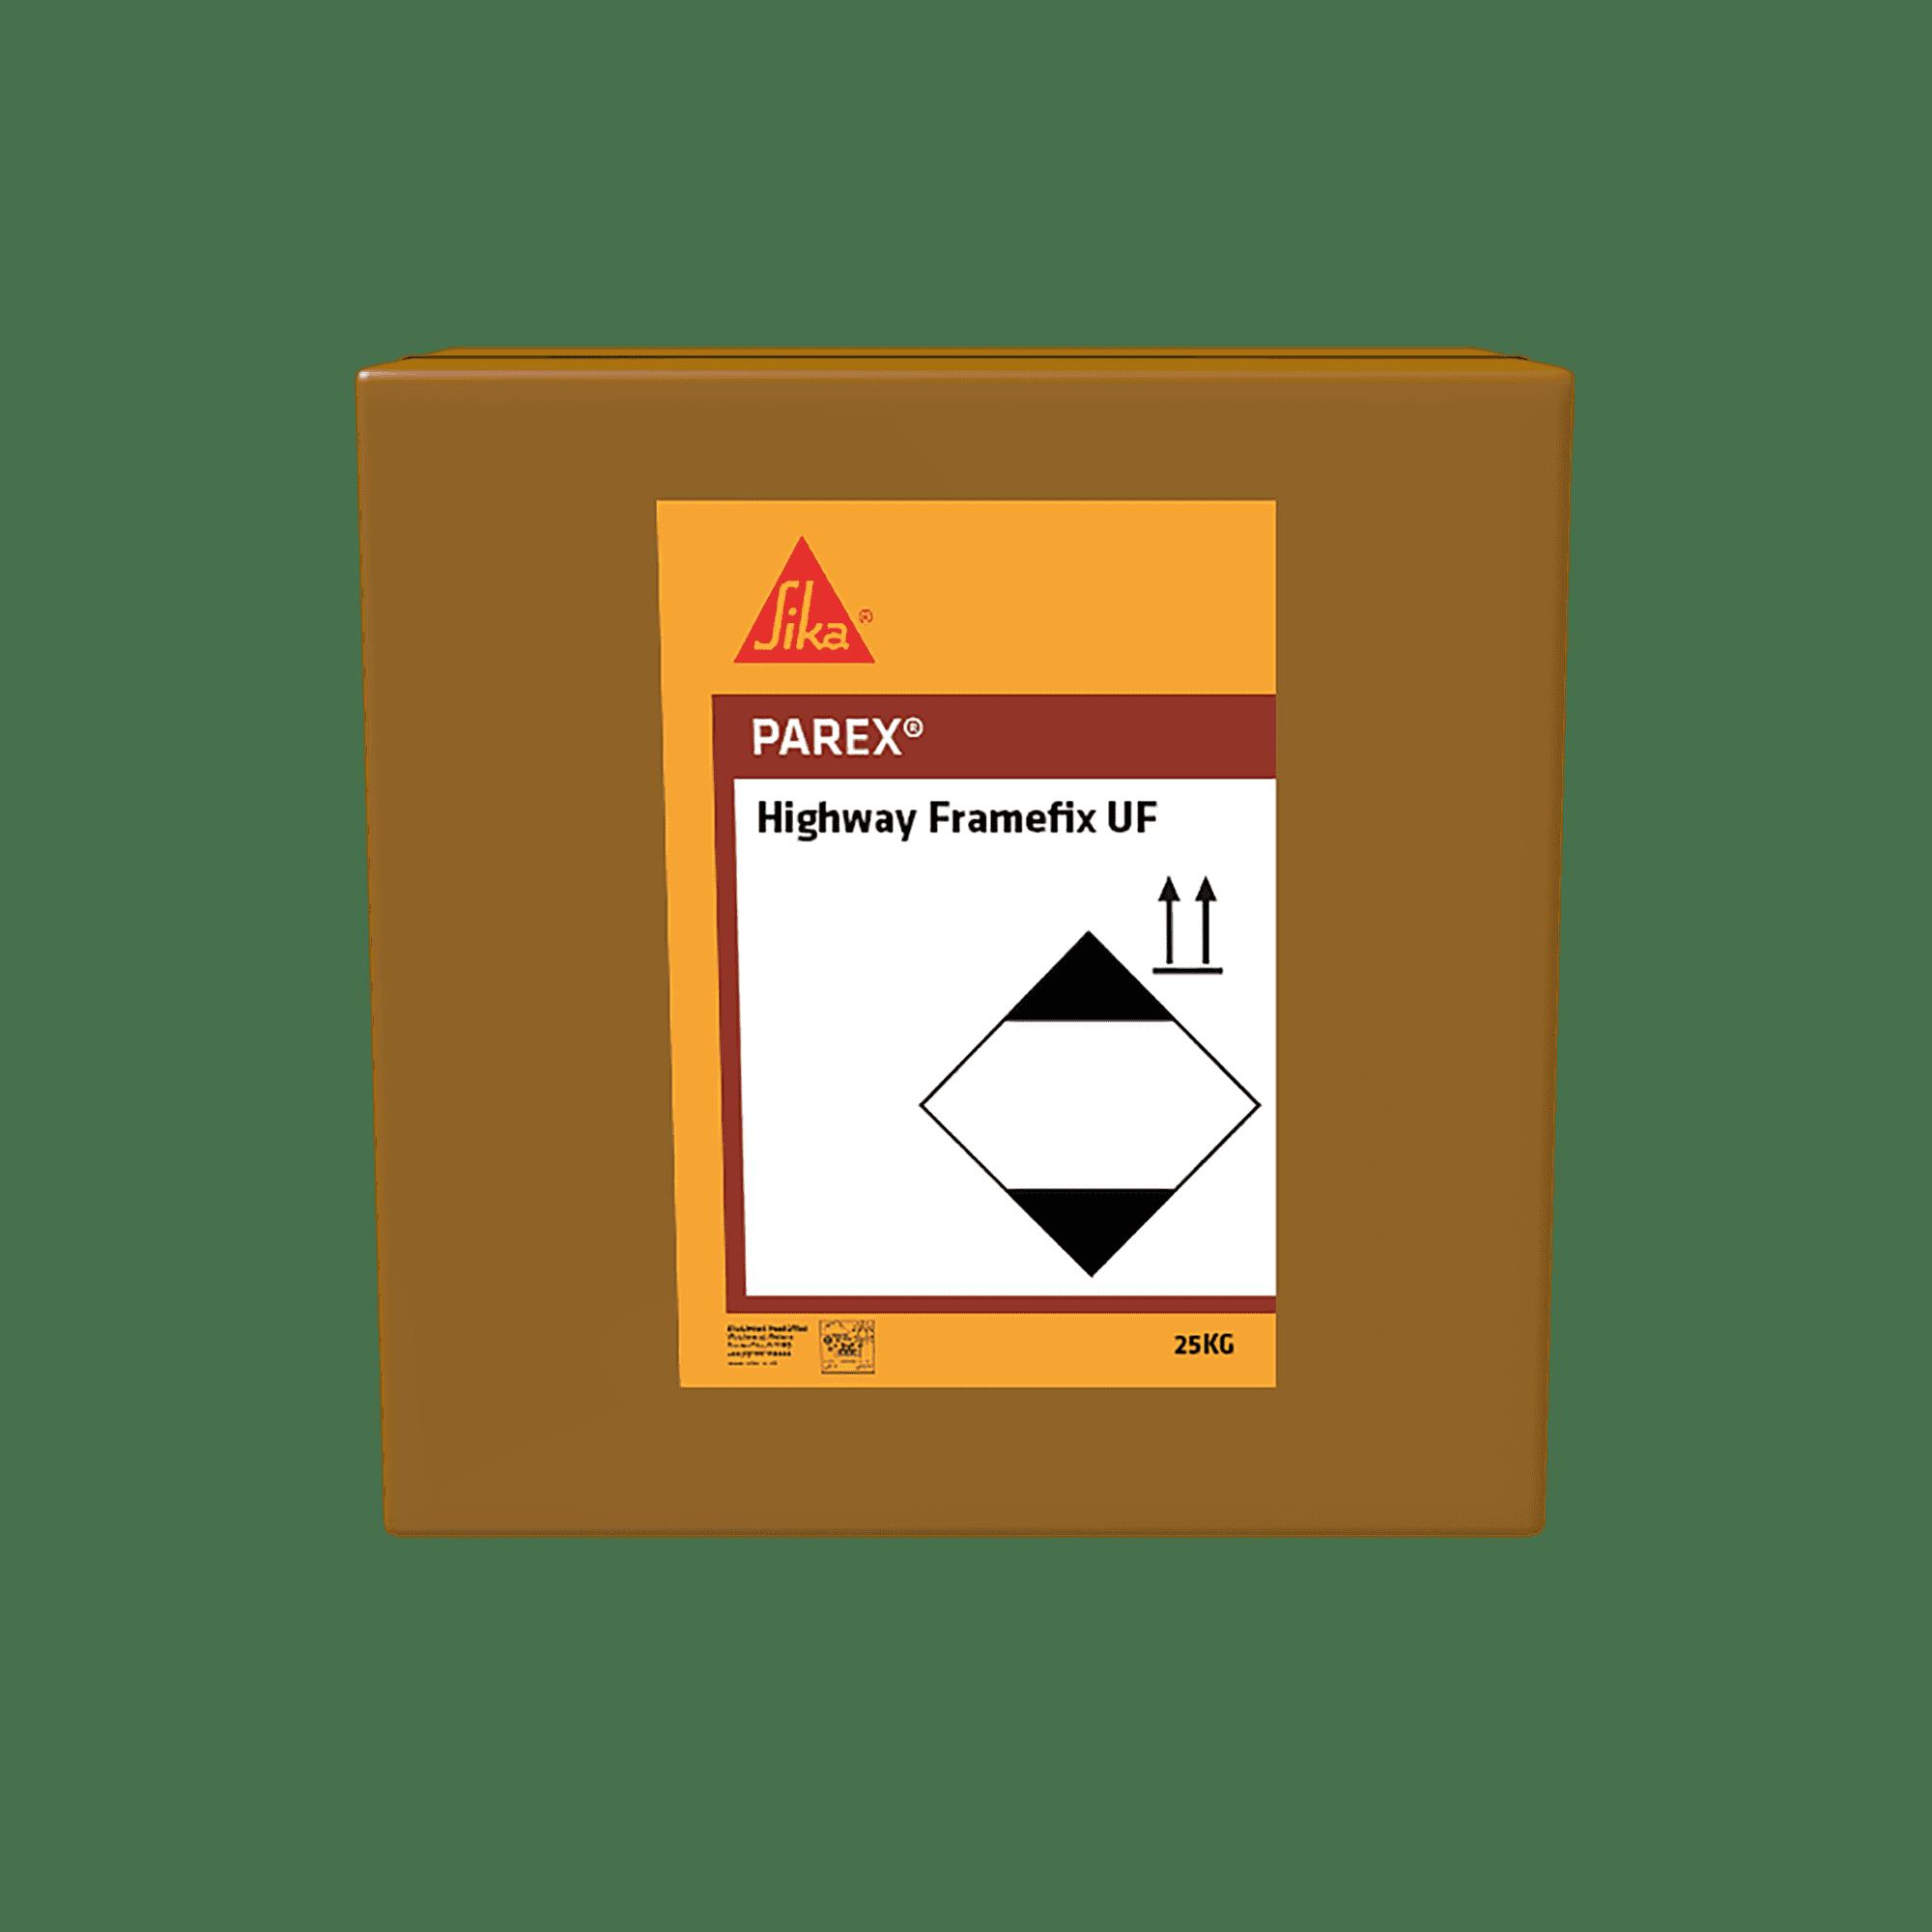 Parex Highway Framefix UF